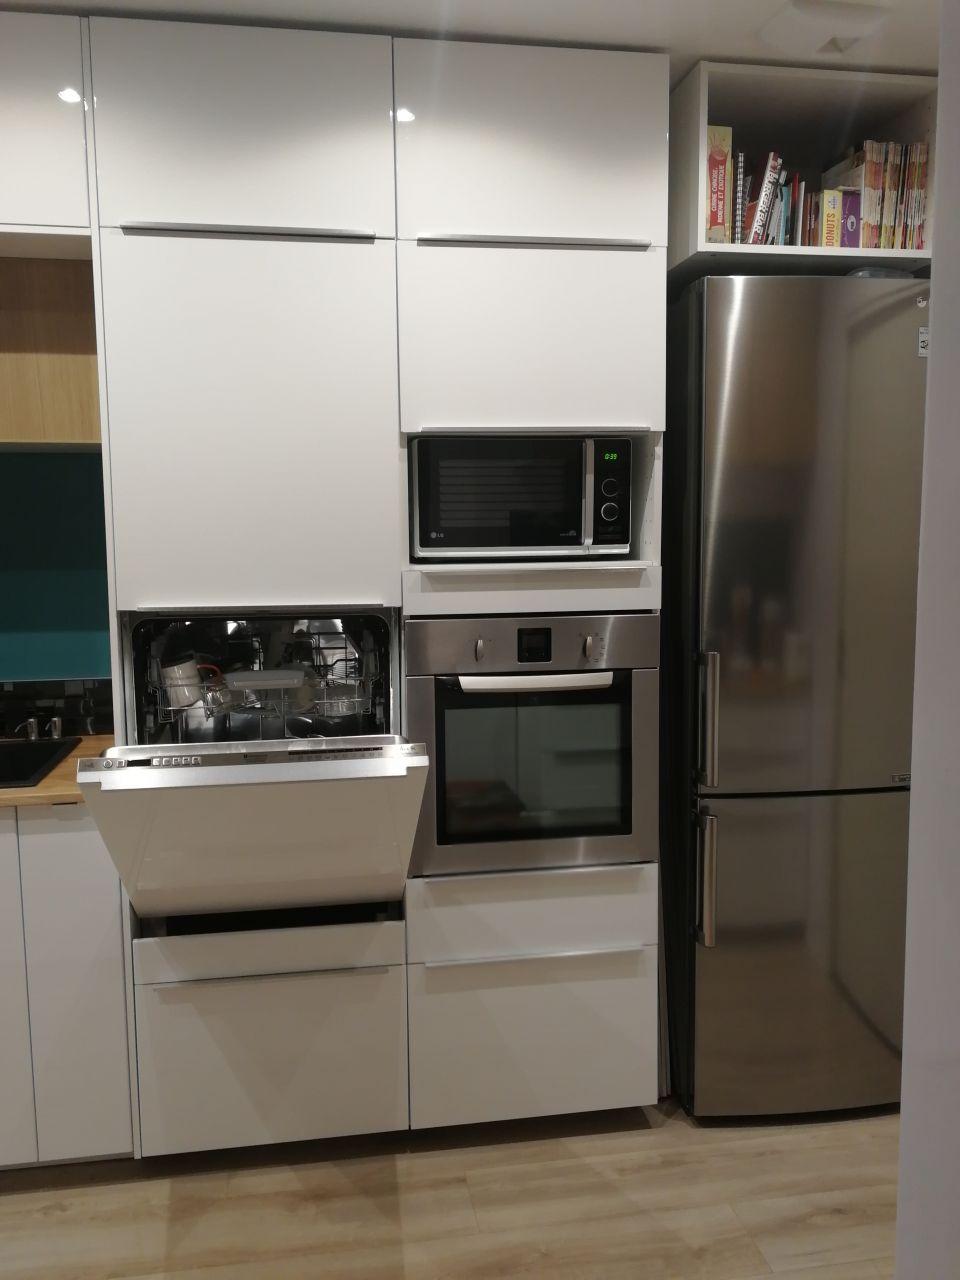 Meuble Sur Frigo Ikea lave vaisselle totalement intégrable dans cuisine ikea metod